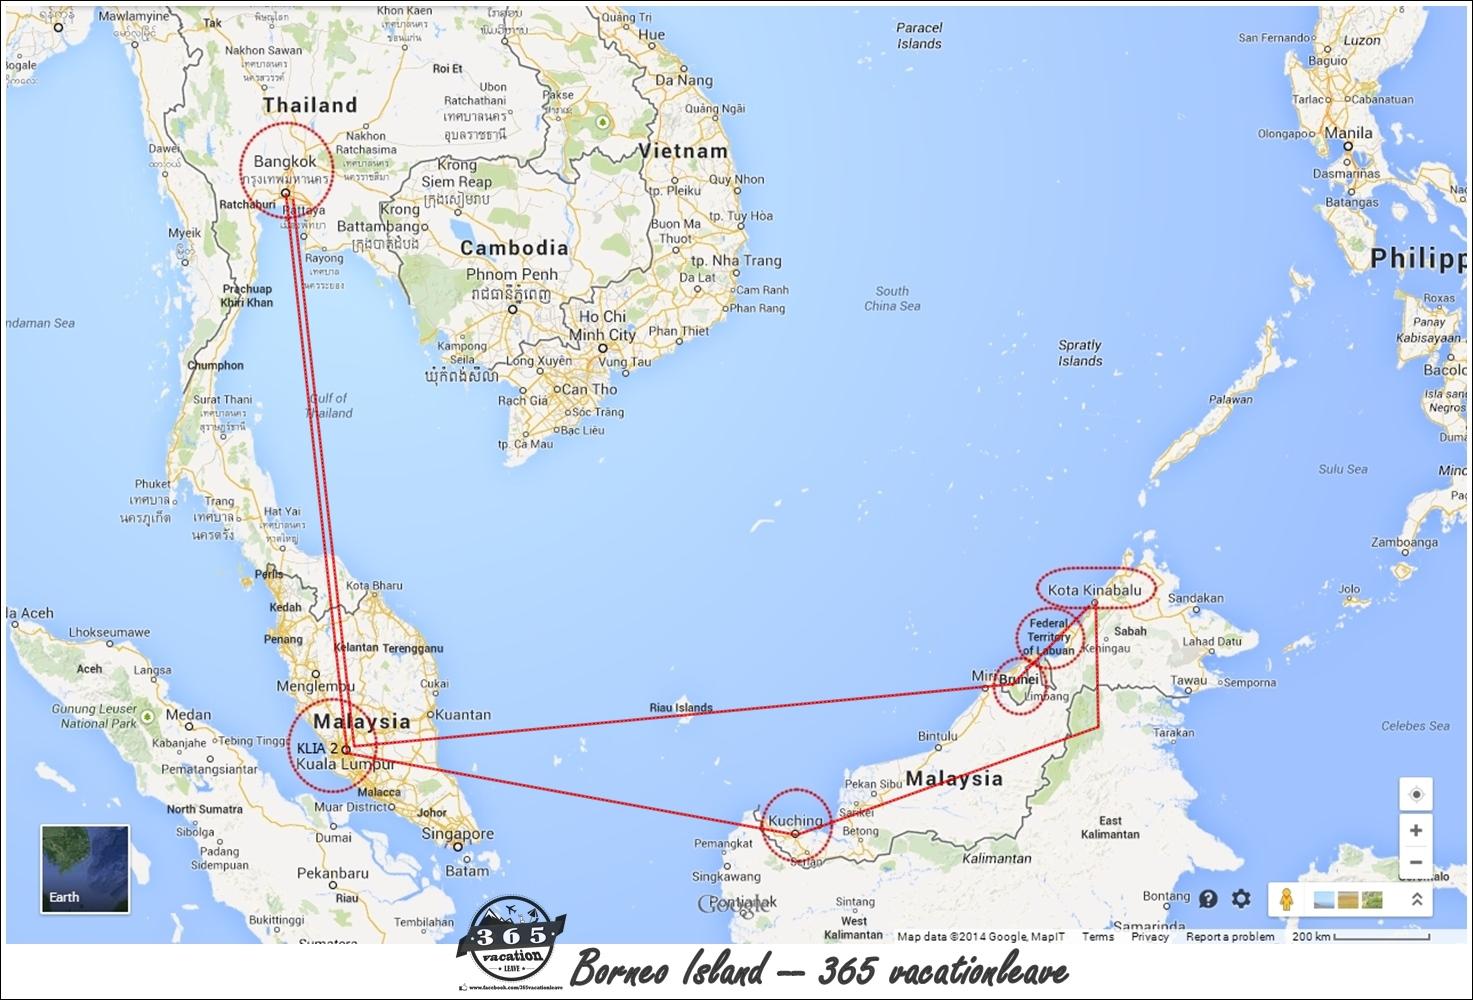 11 ก.ค. 2557 เที่ยวกูชิง // เที่ยวโกตาคินาบาลู 12 ก.ค. 2557  เที่ยวเกาะมานูกัน 13 ก.ค. 2557 เที่ยวลาบวน // เที่ยวบรูไน 14 ก.ค. 2557  เที่ยวบรูไน